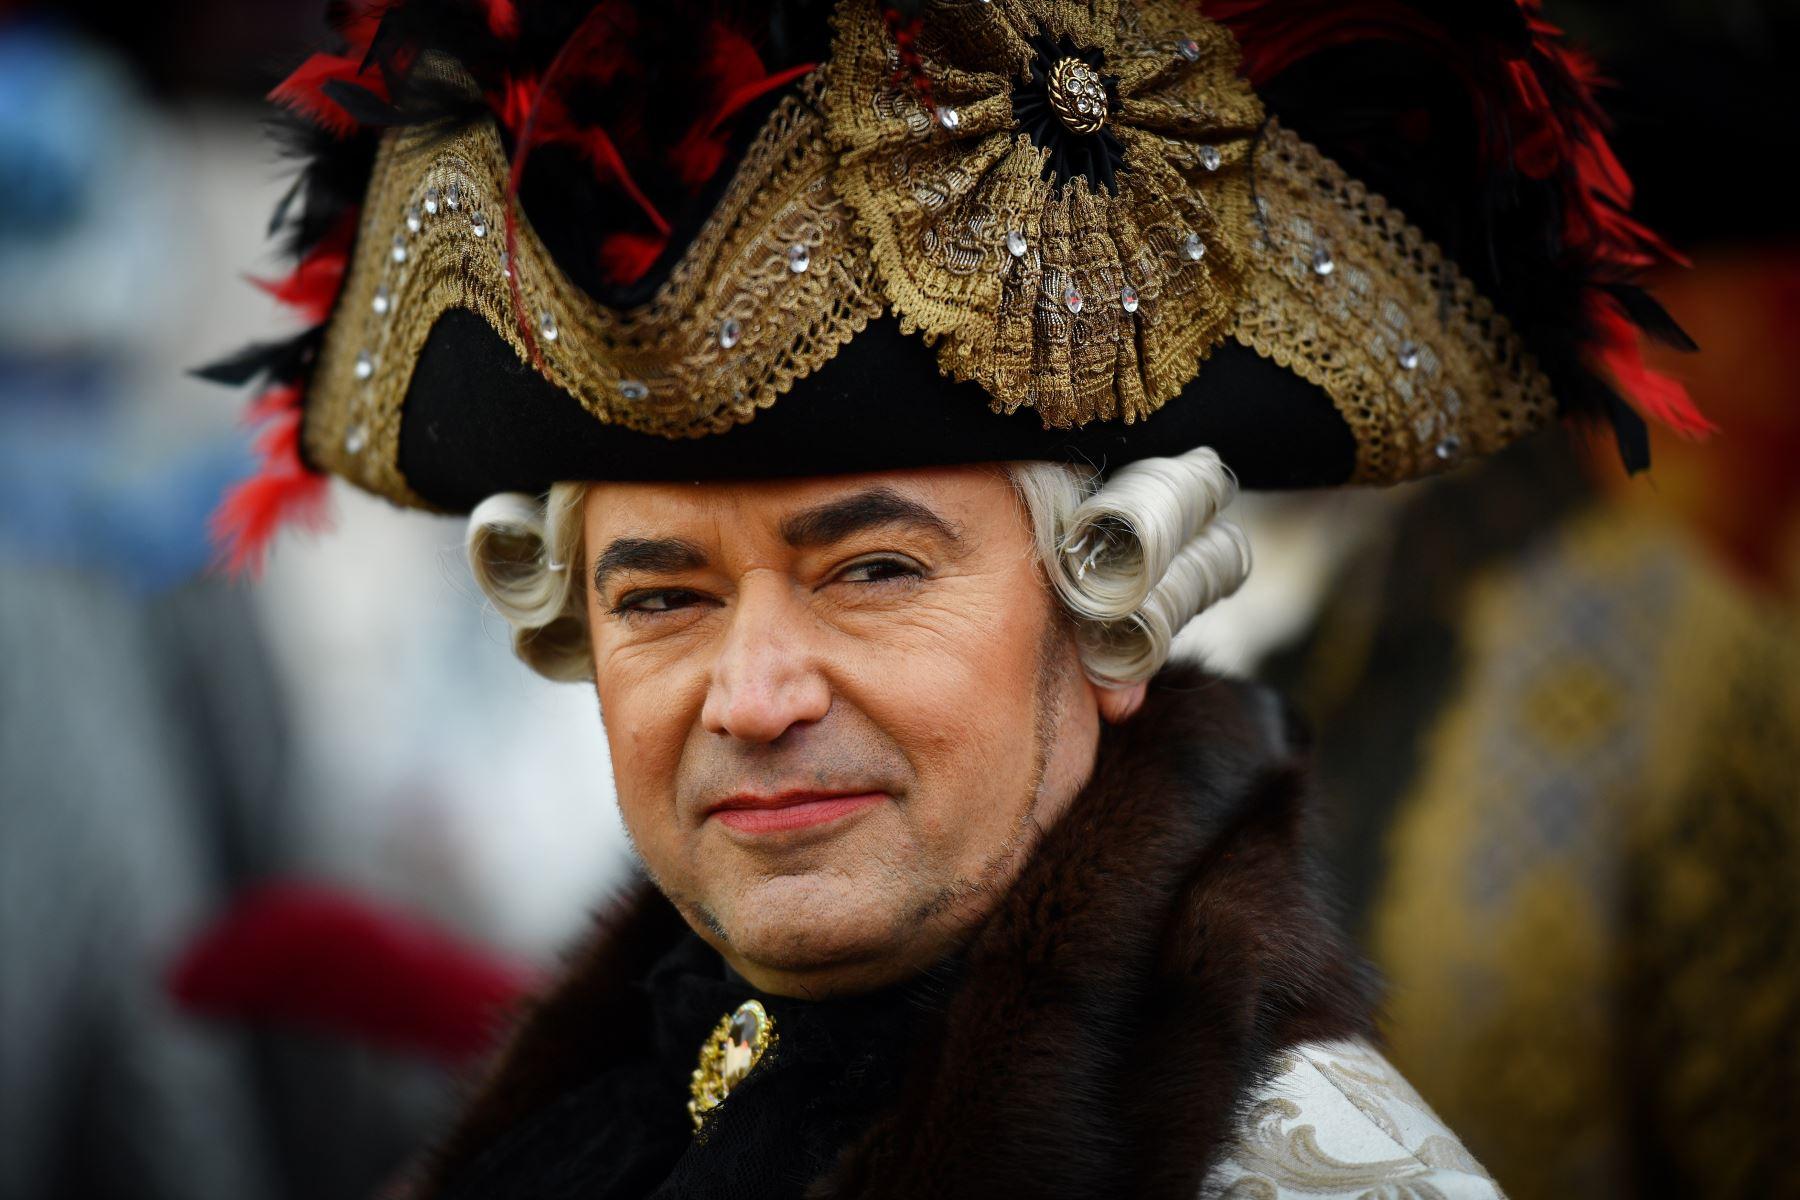 Un participante con un traje de época participa en el Carnaval de Venecia. Foto: AFP